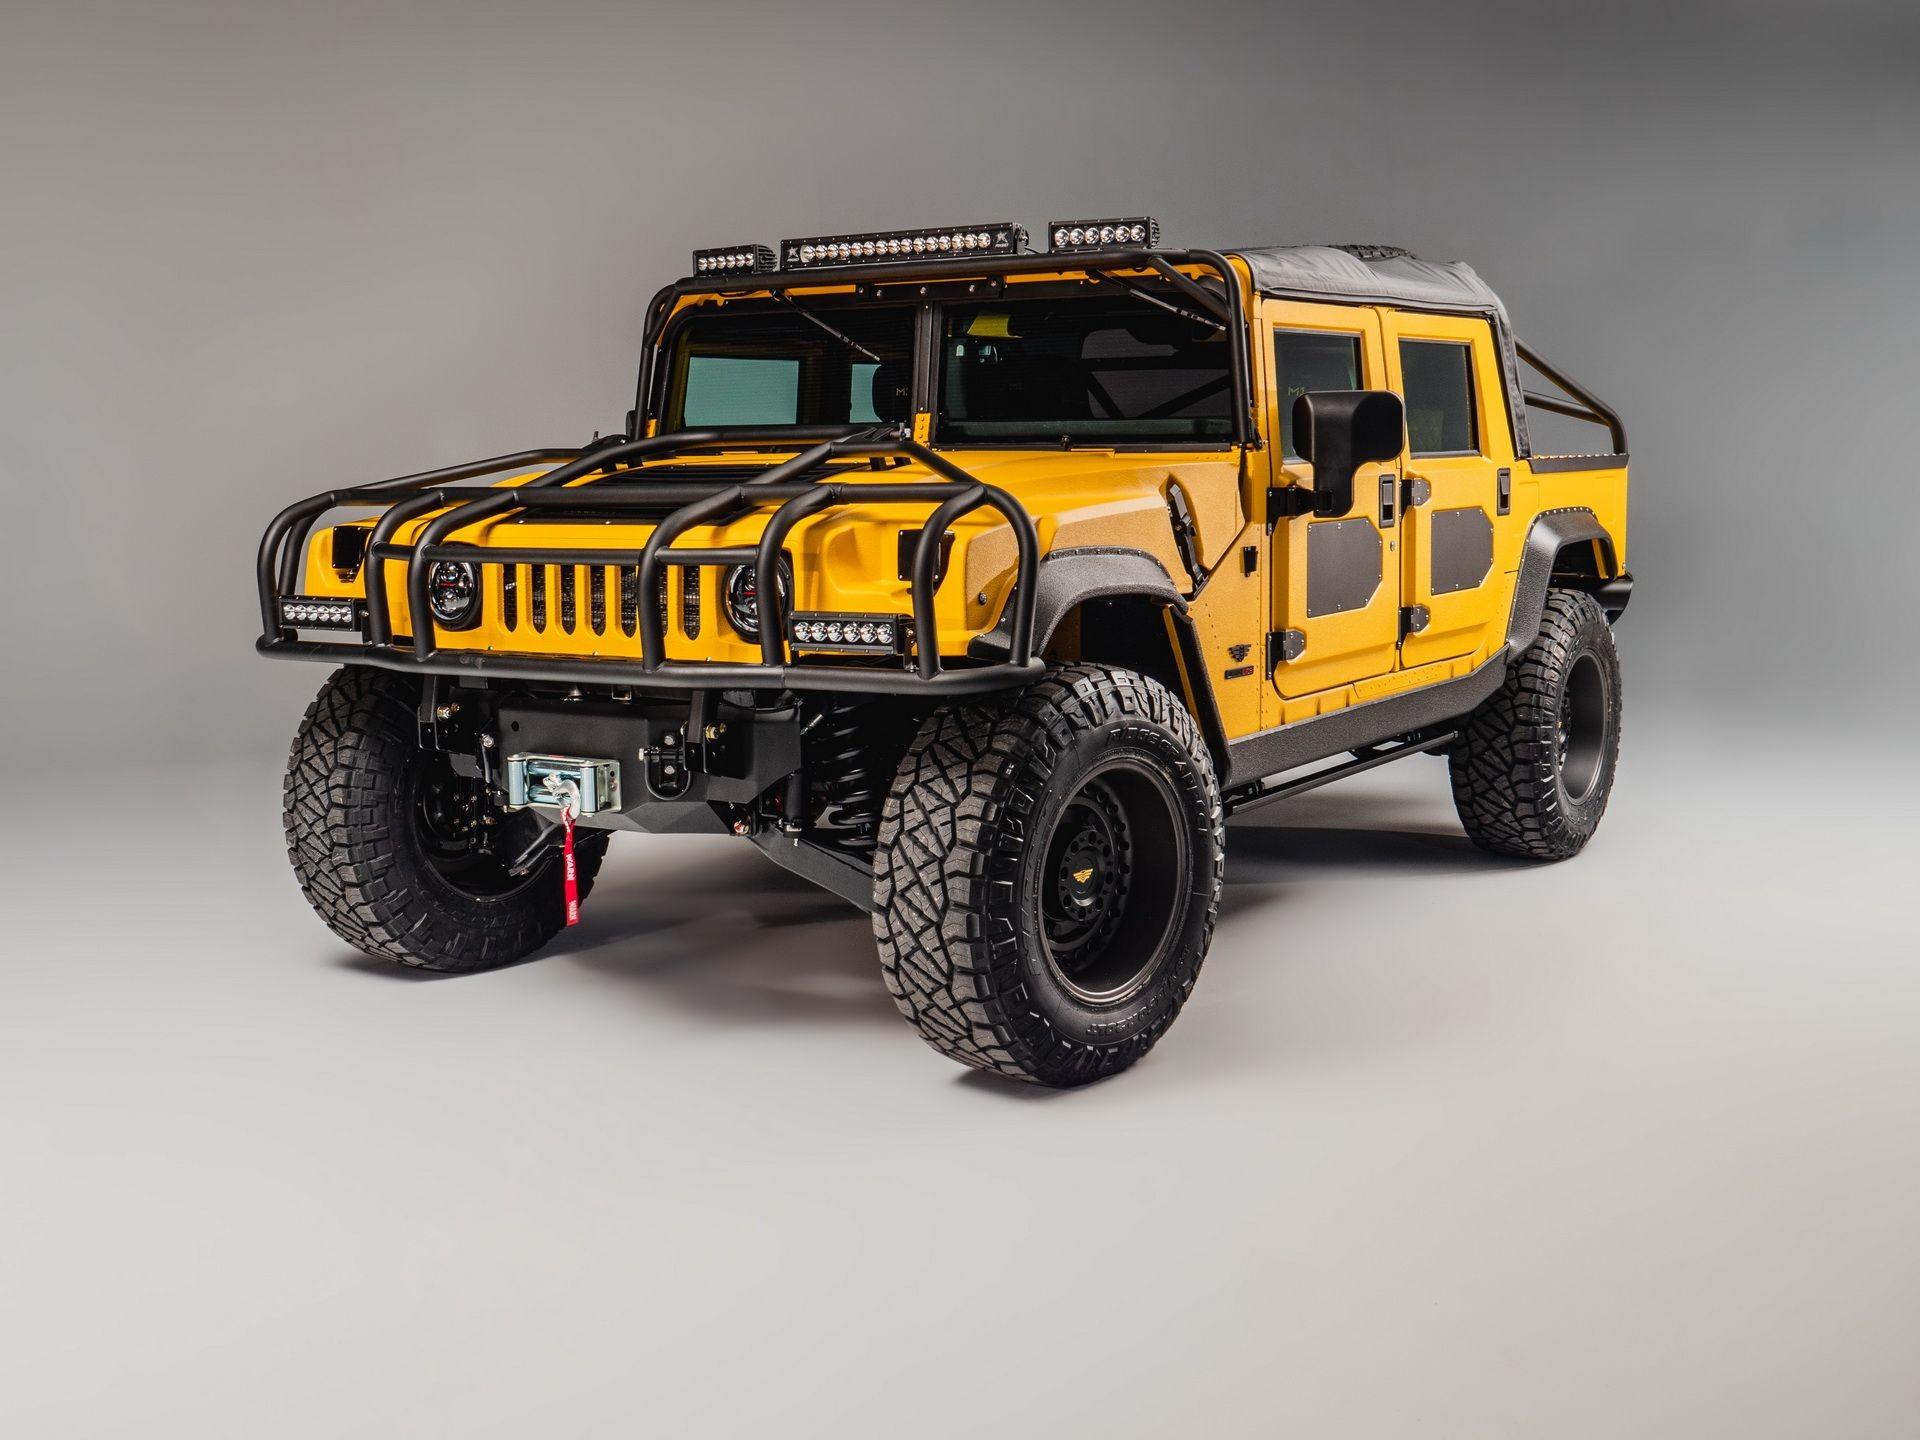 Ярко-желтый Hummer M1-R от Mil-Spec мощностью 800 лошадиных сил